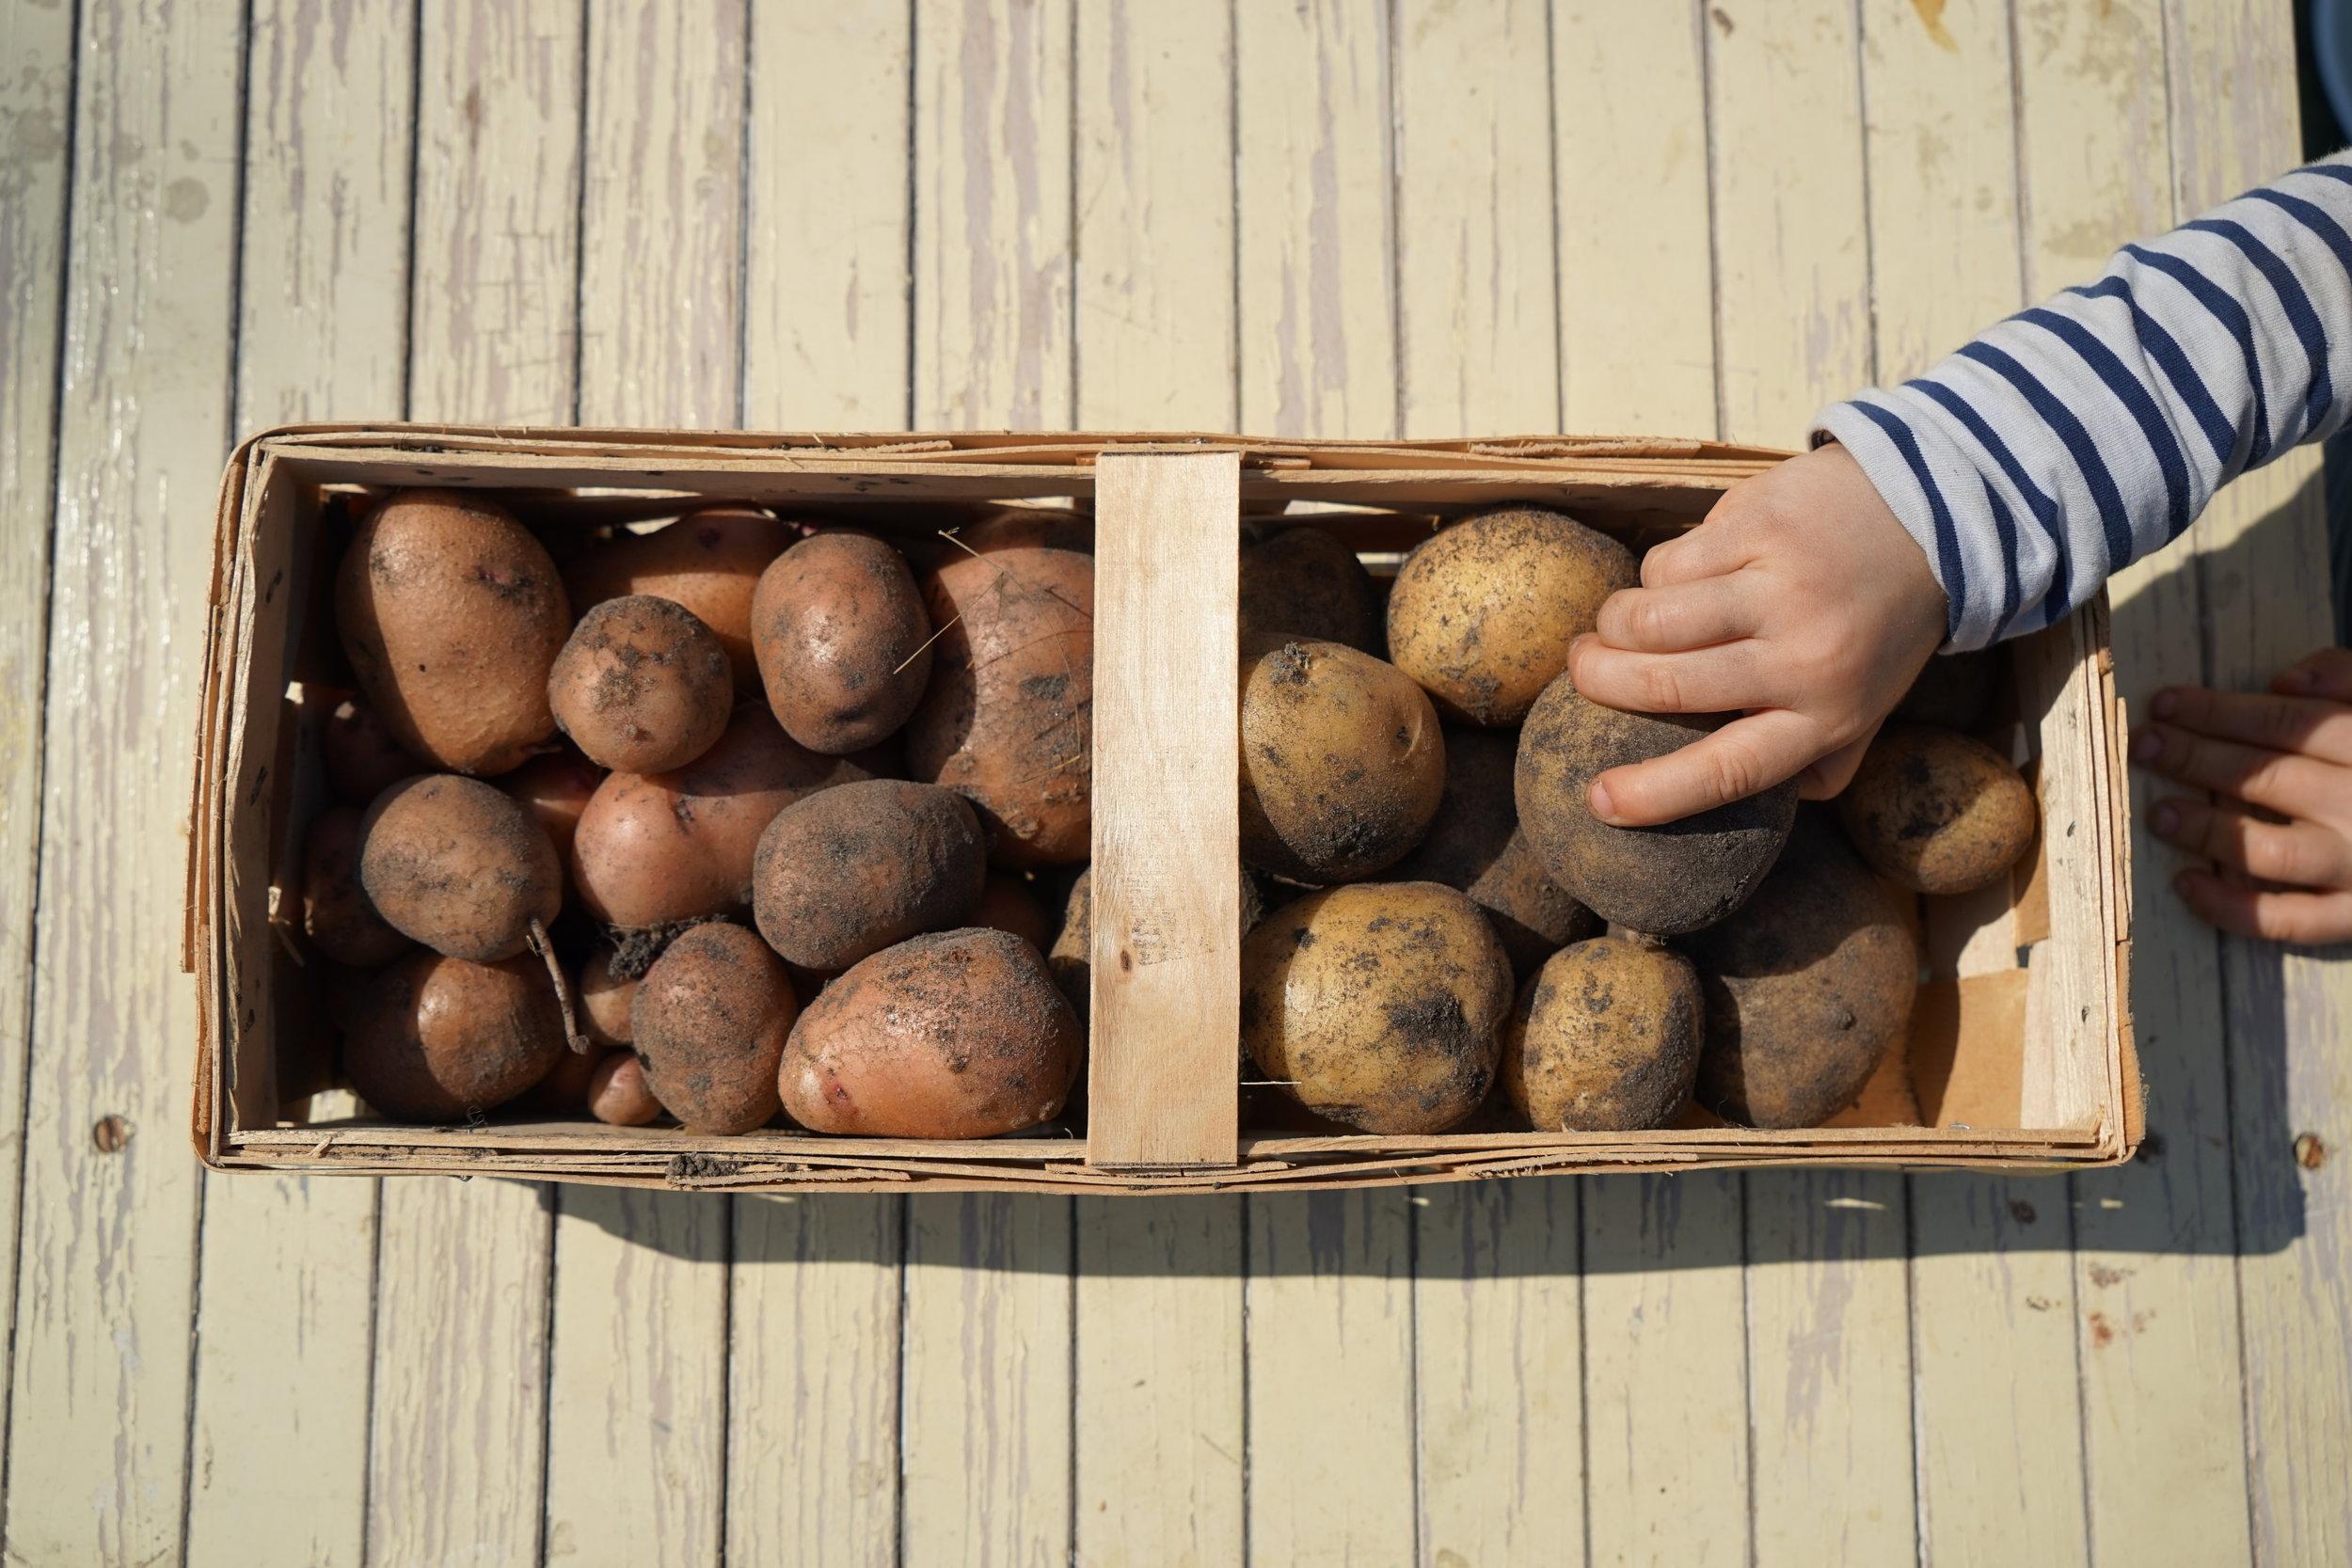 Hochbeet_Woche14_Kartoffeln.JPG.JPG